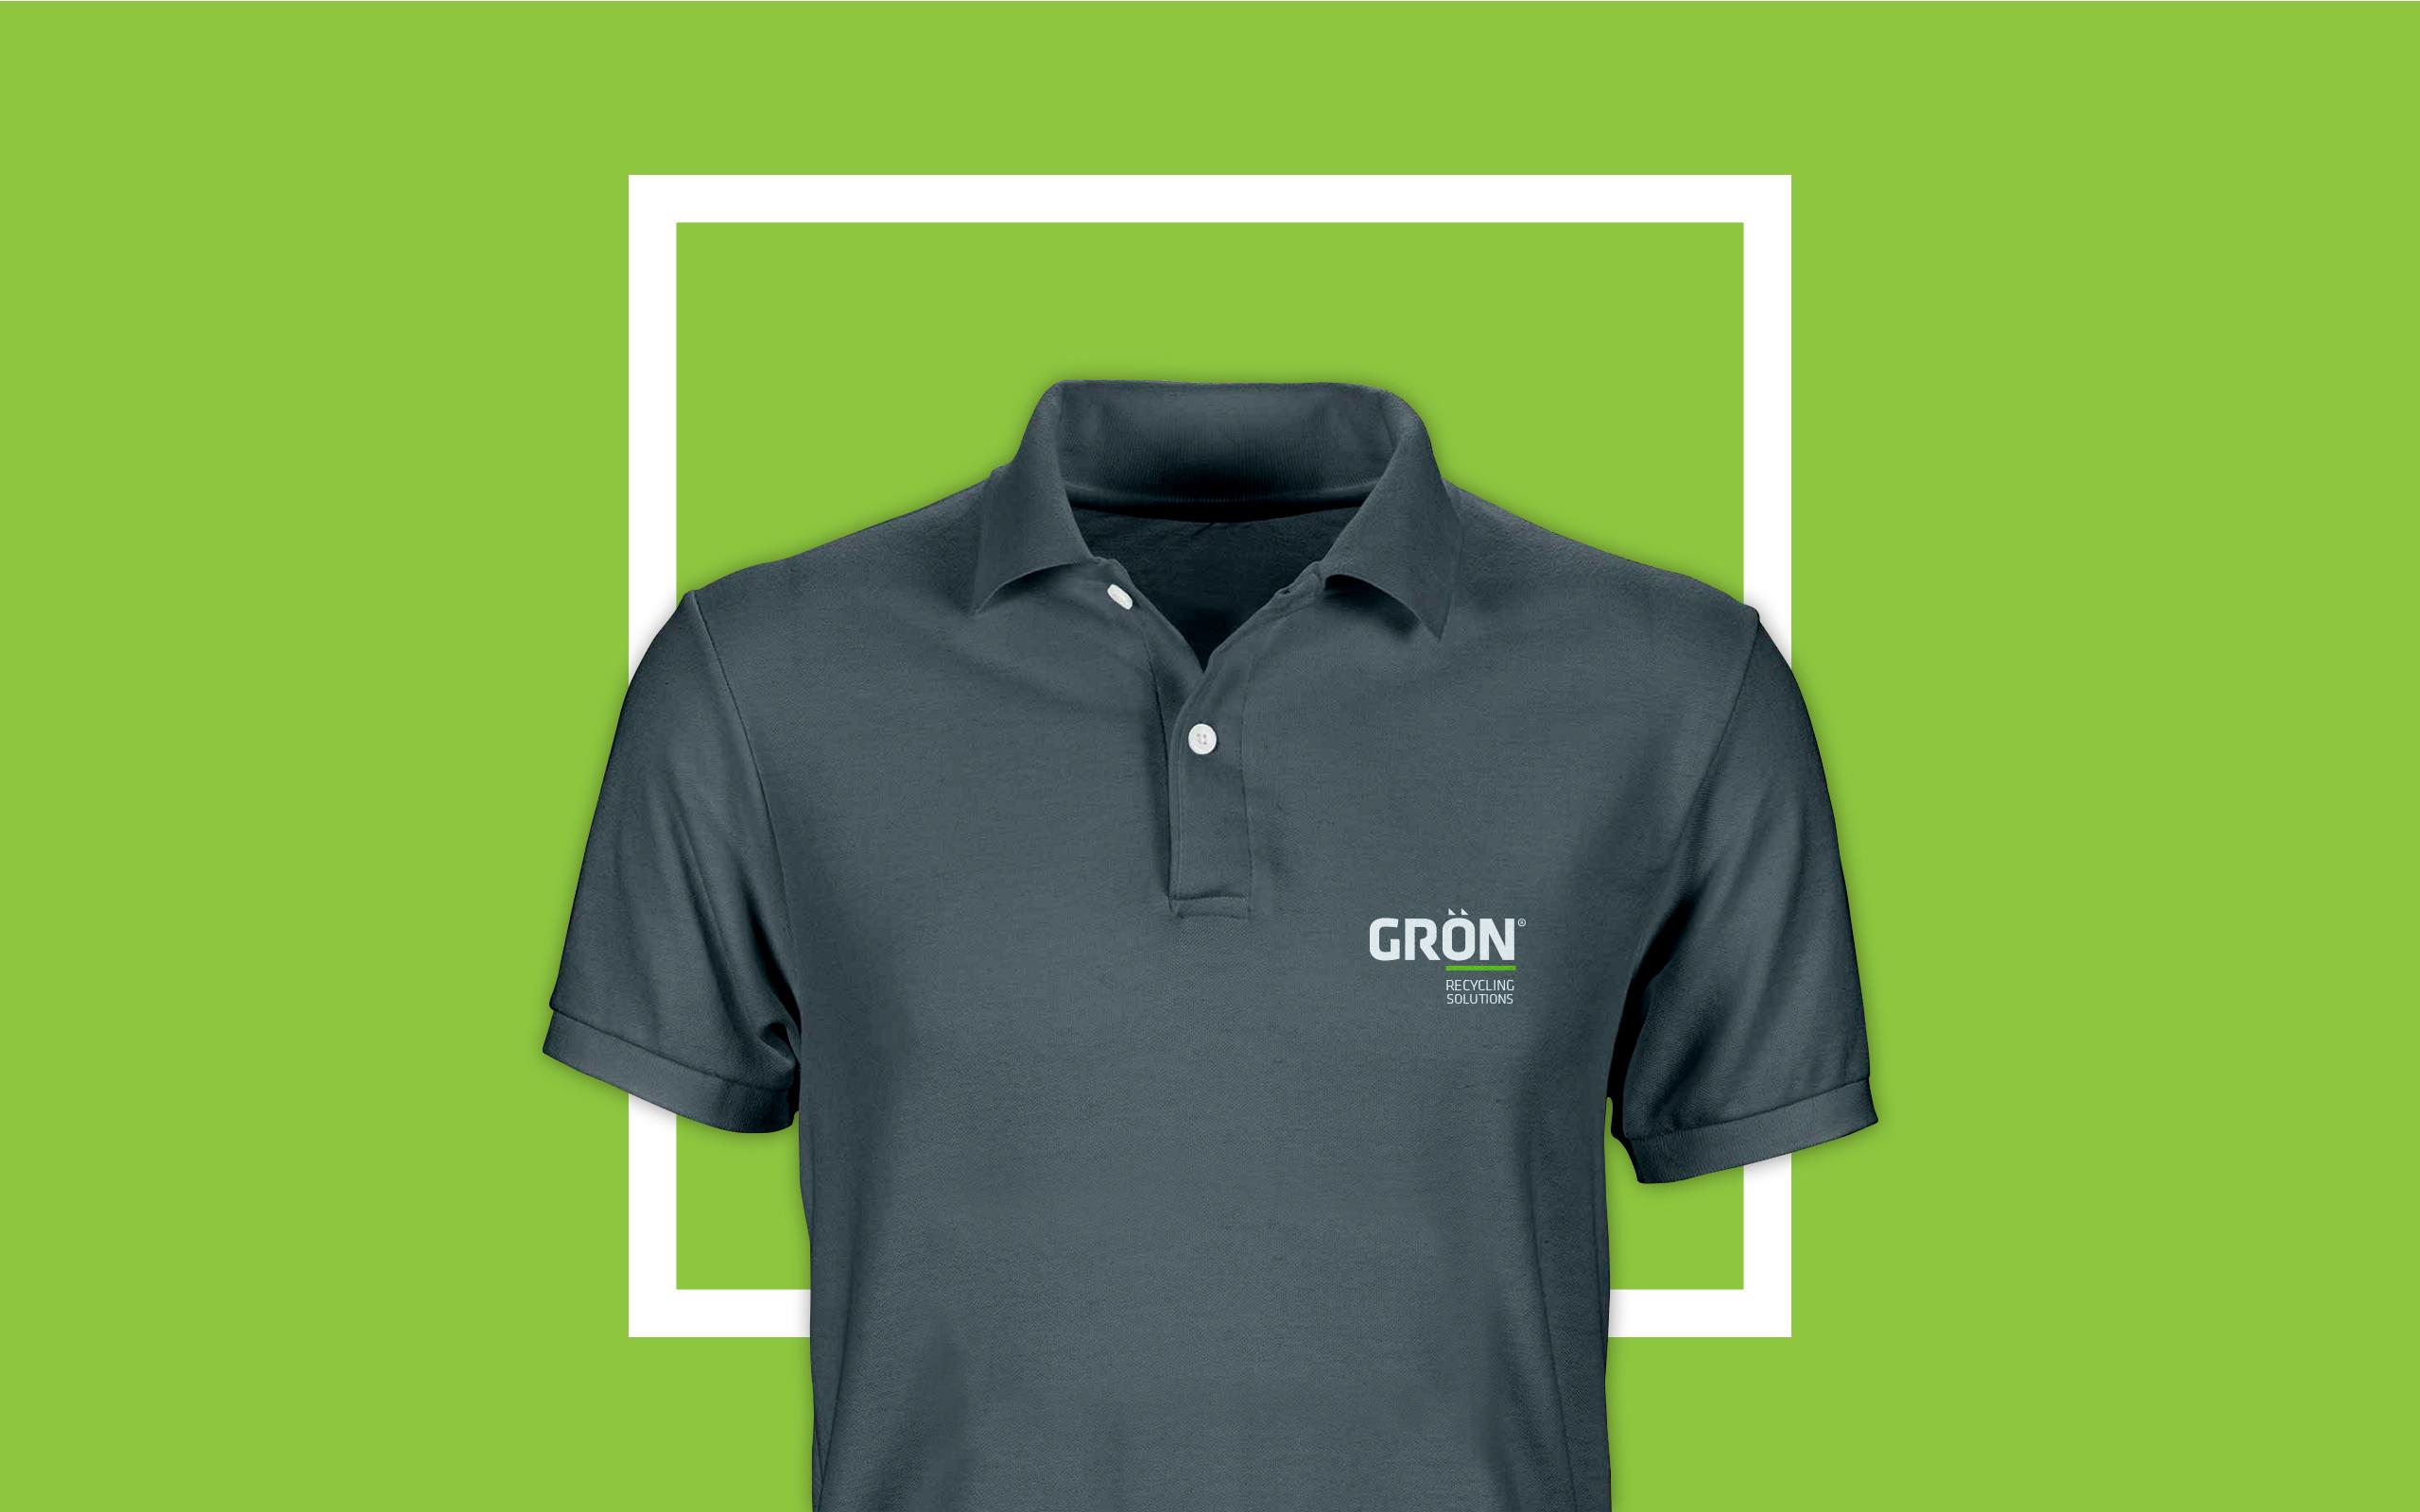 L_smash_Gron_7